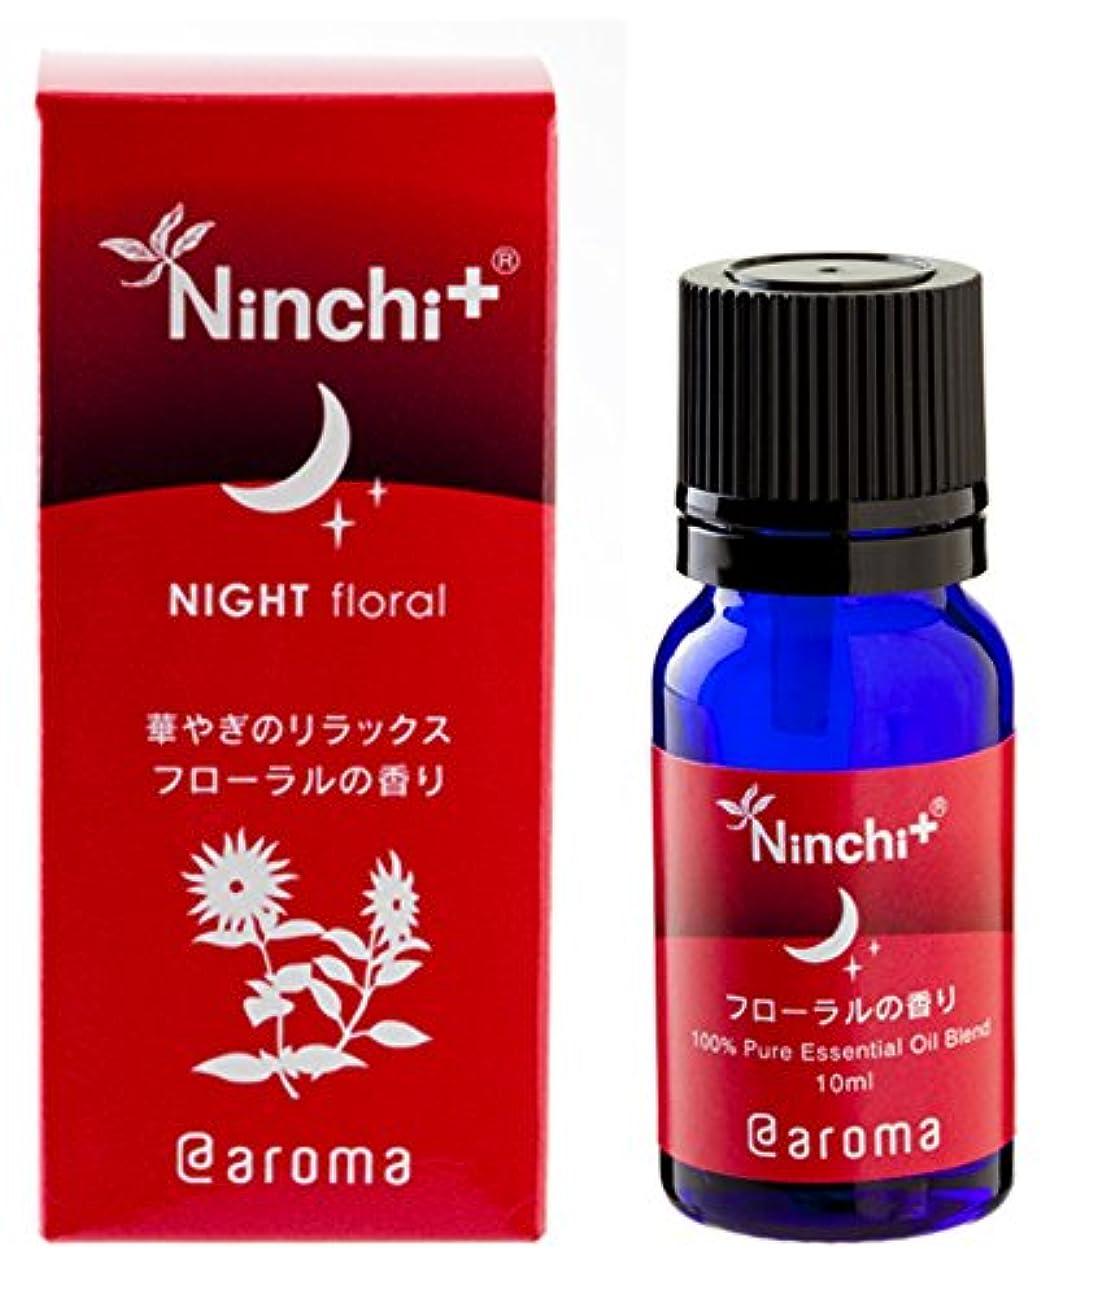 デザート飾る役立つNinchi+ Night フローラル10ml